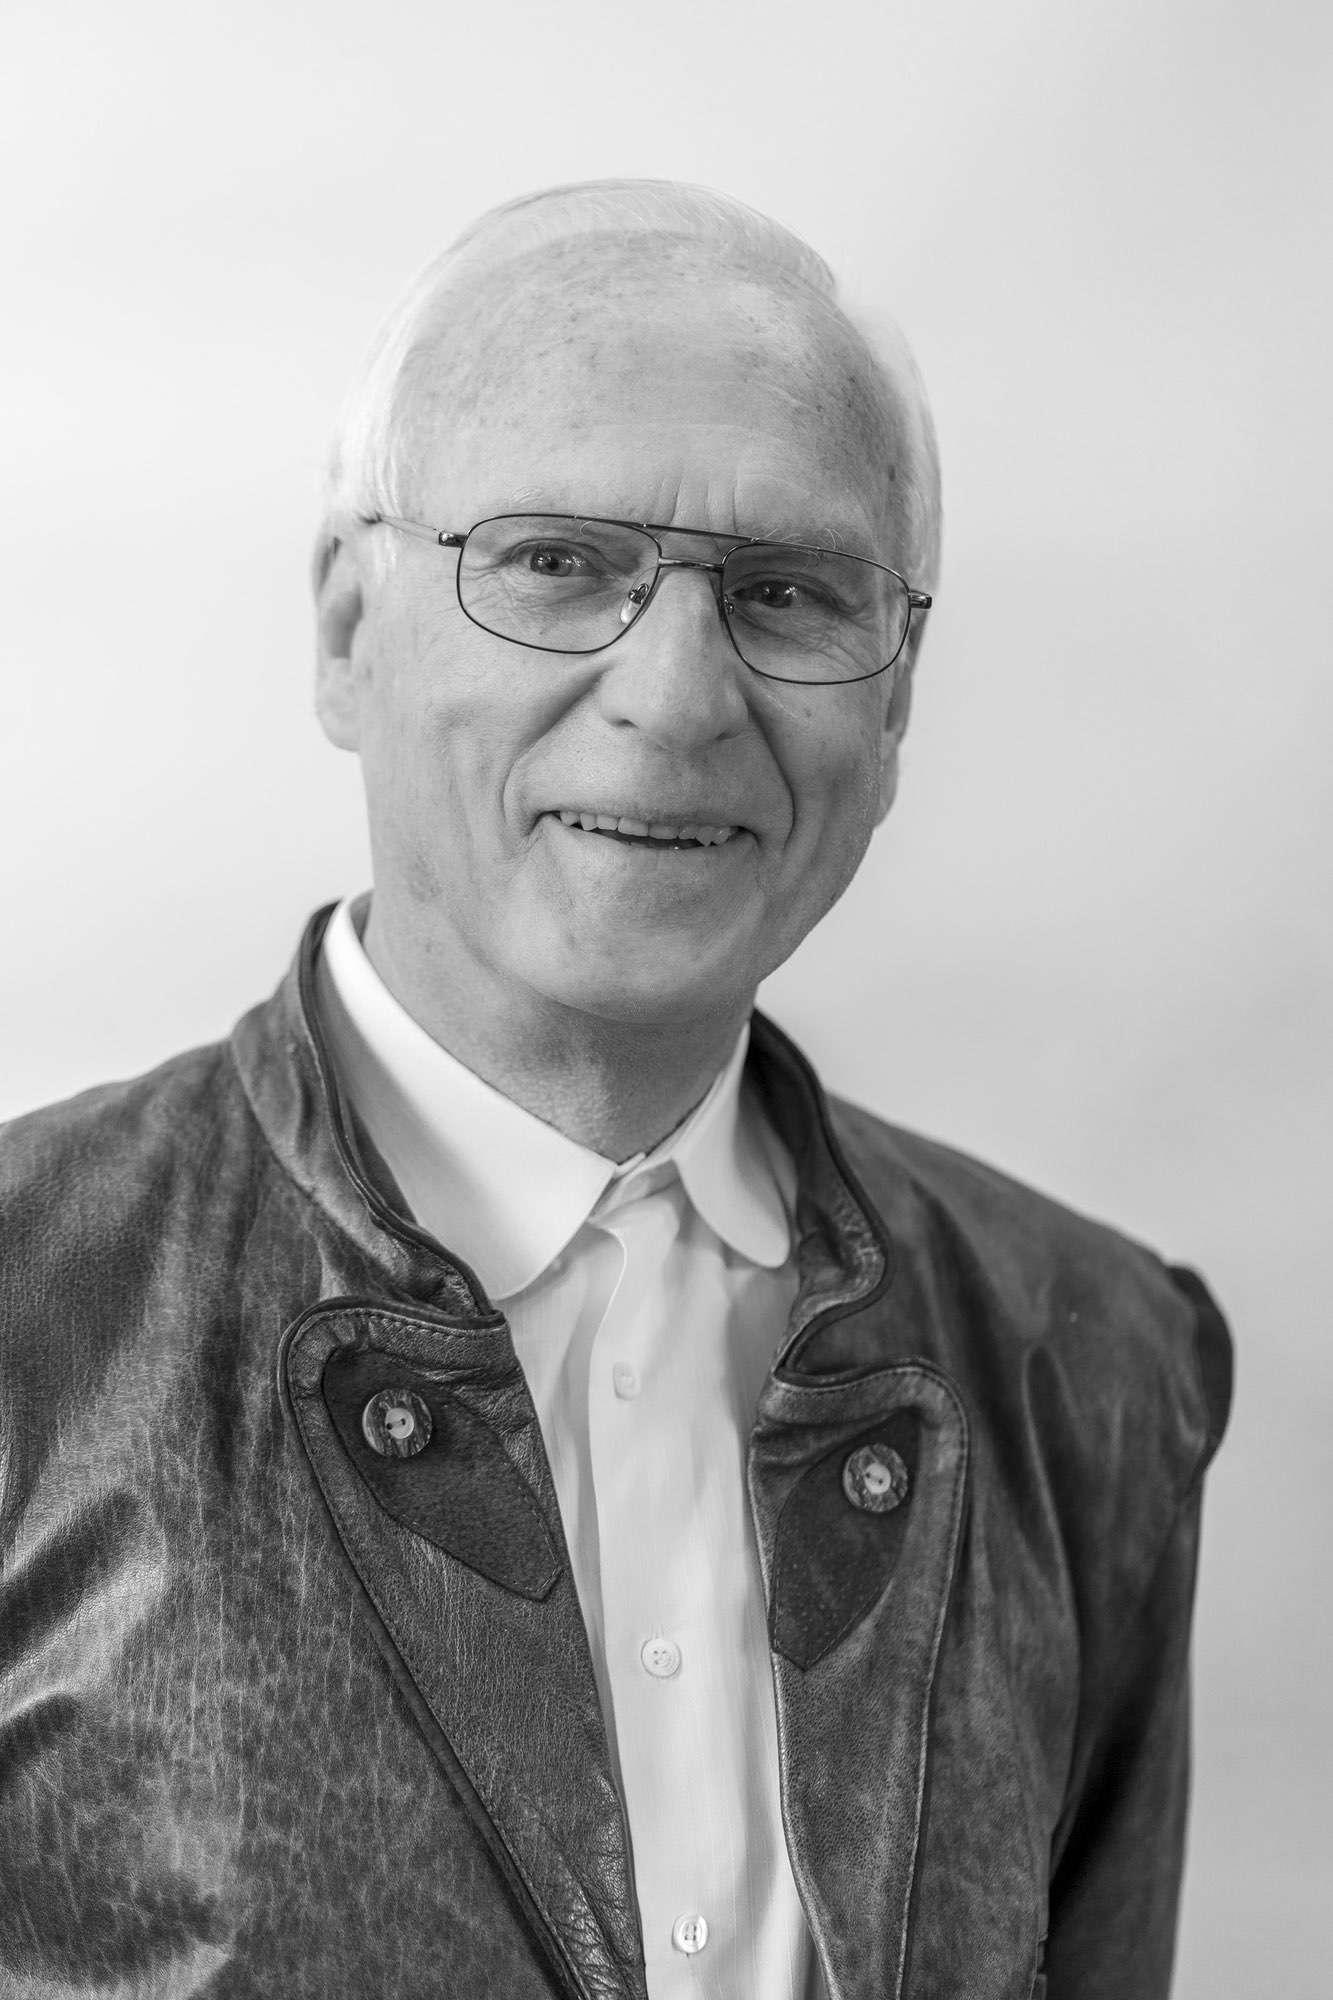 Werner Norbert Morokutti